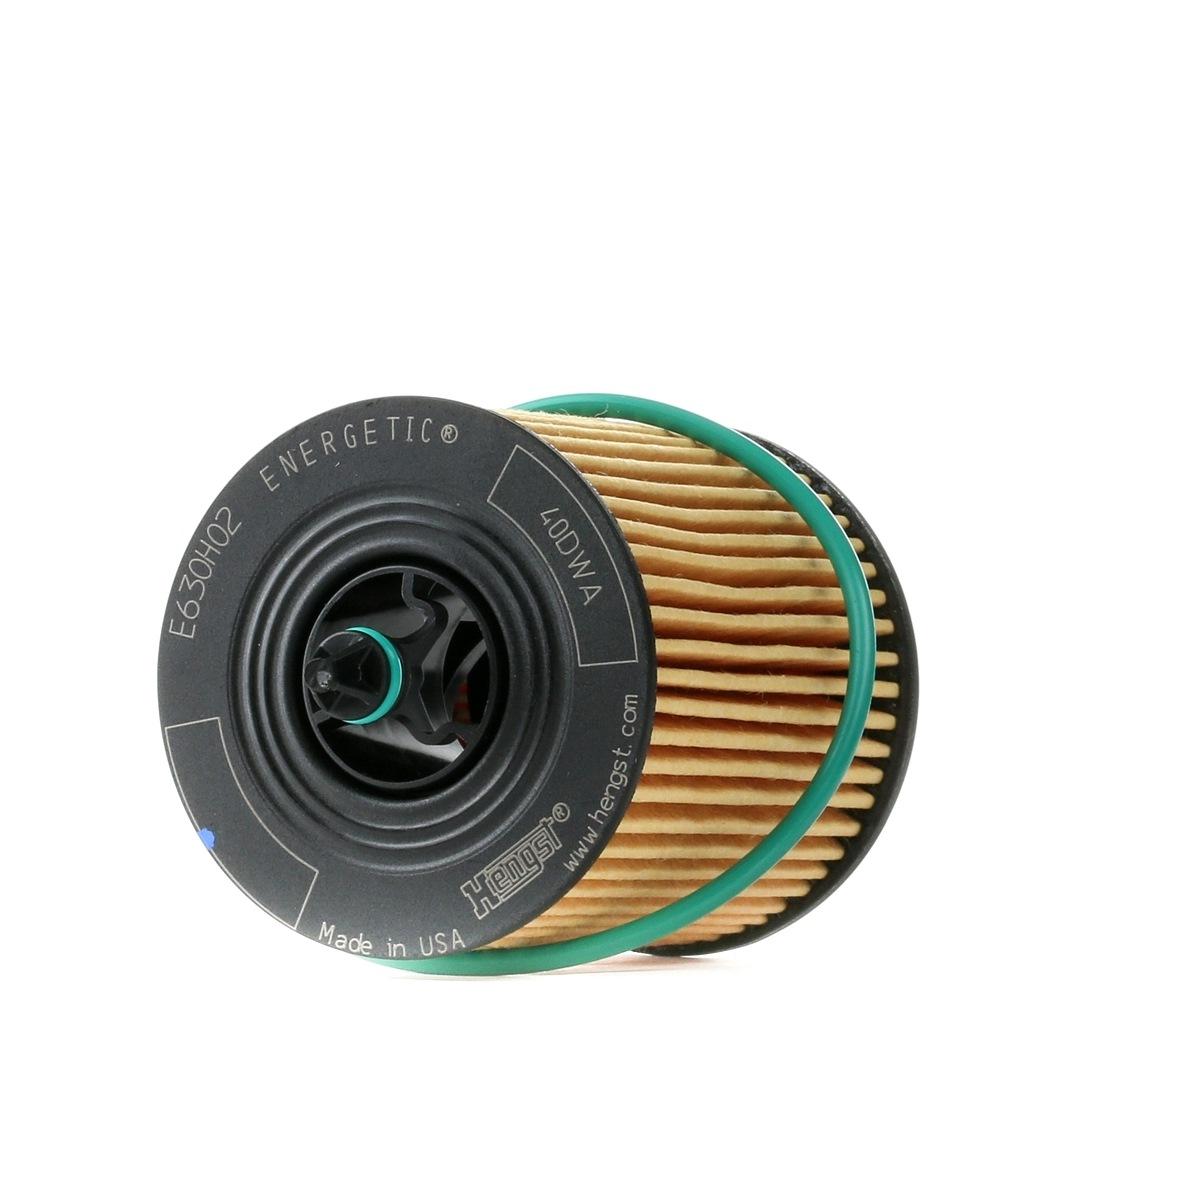 HENGST FILTER: Original Ölfilter E630H02 D103 (Innendurchmesser 2: 24mm, Innendurchmesser 2: 35mm, Ø: 63mm, Höhe: 91mm)